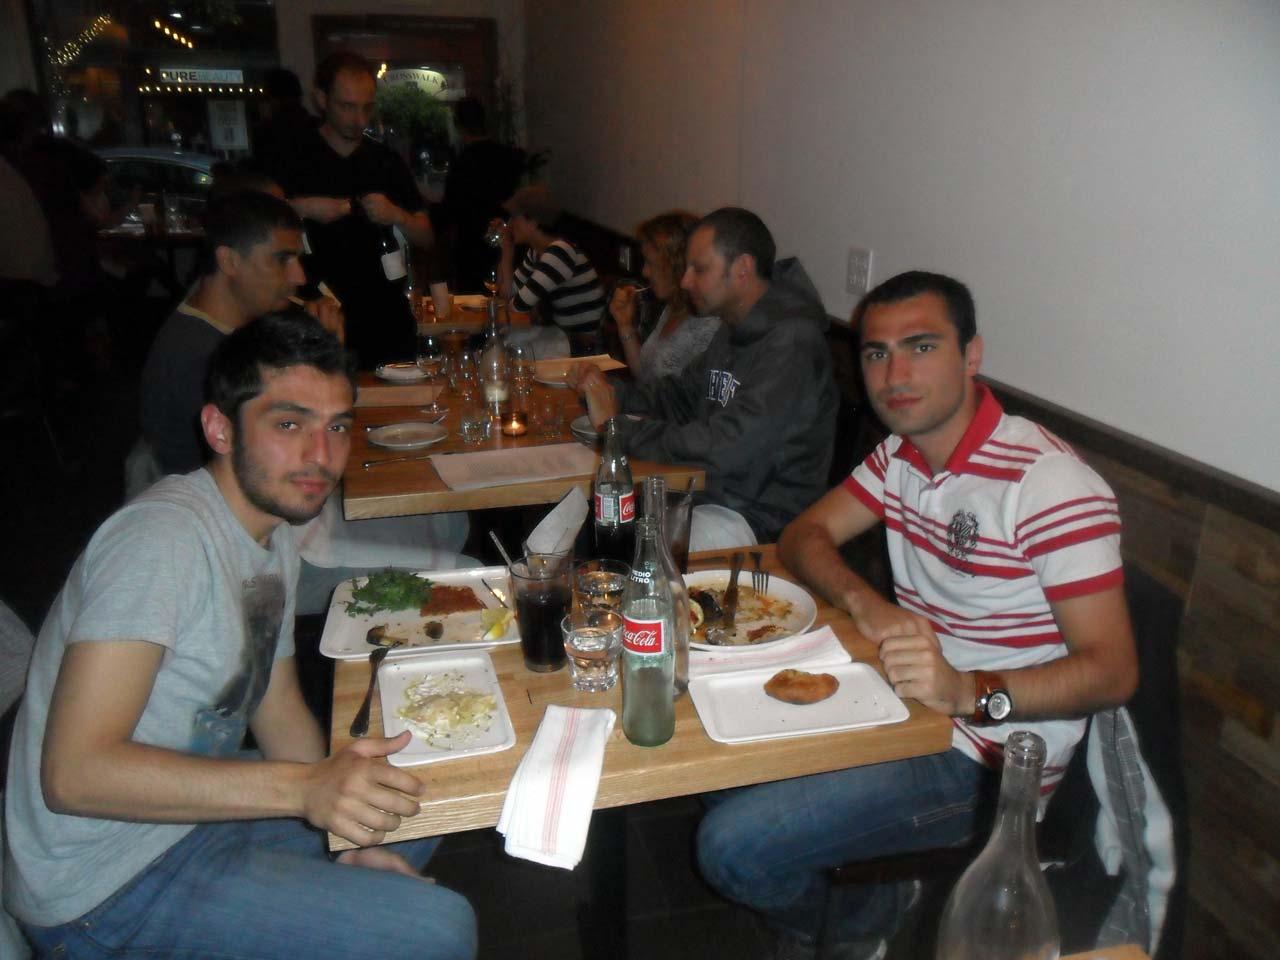 Yine bir Türk restoranı bulduk